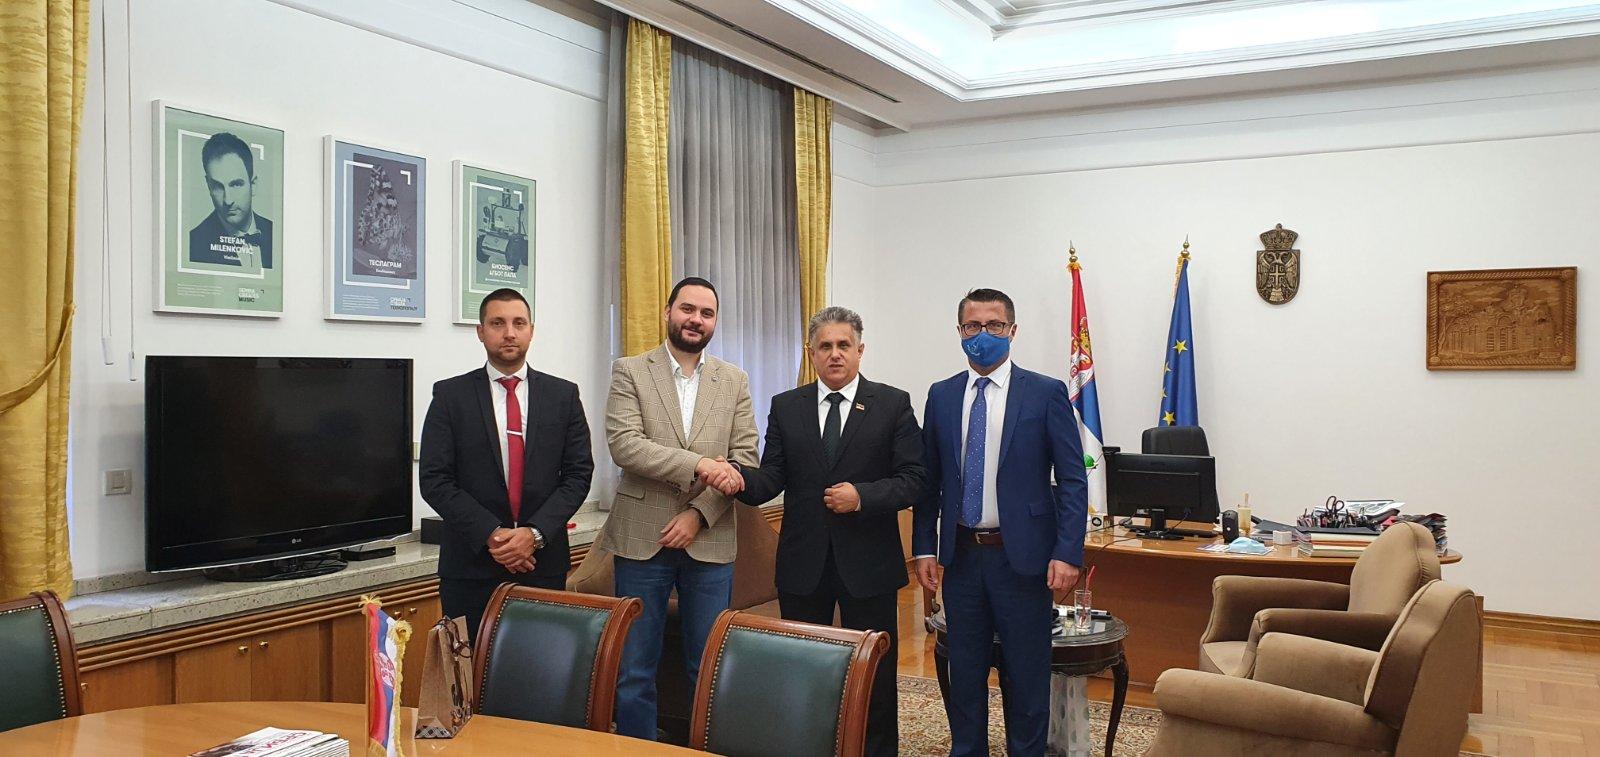 Sastanak u Beogradu, foto: M.M.